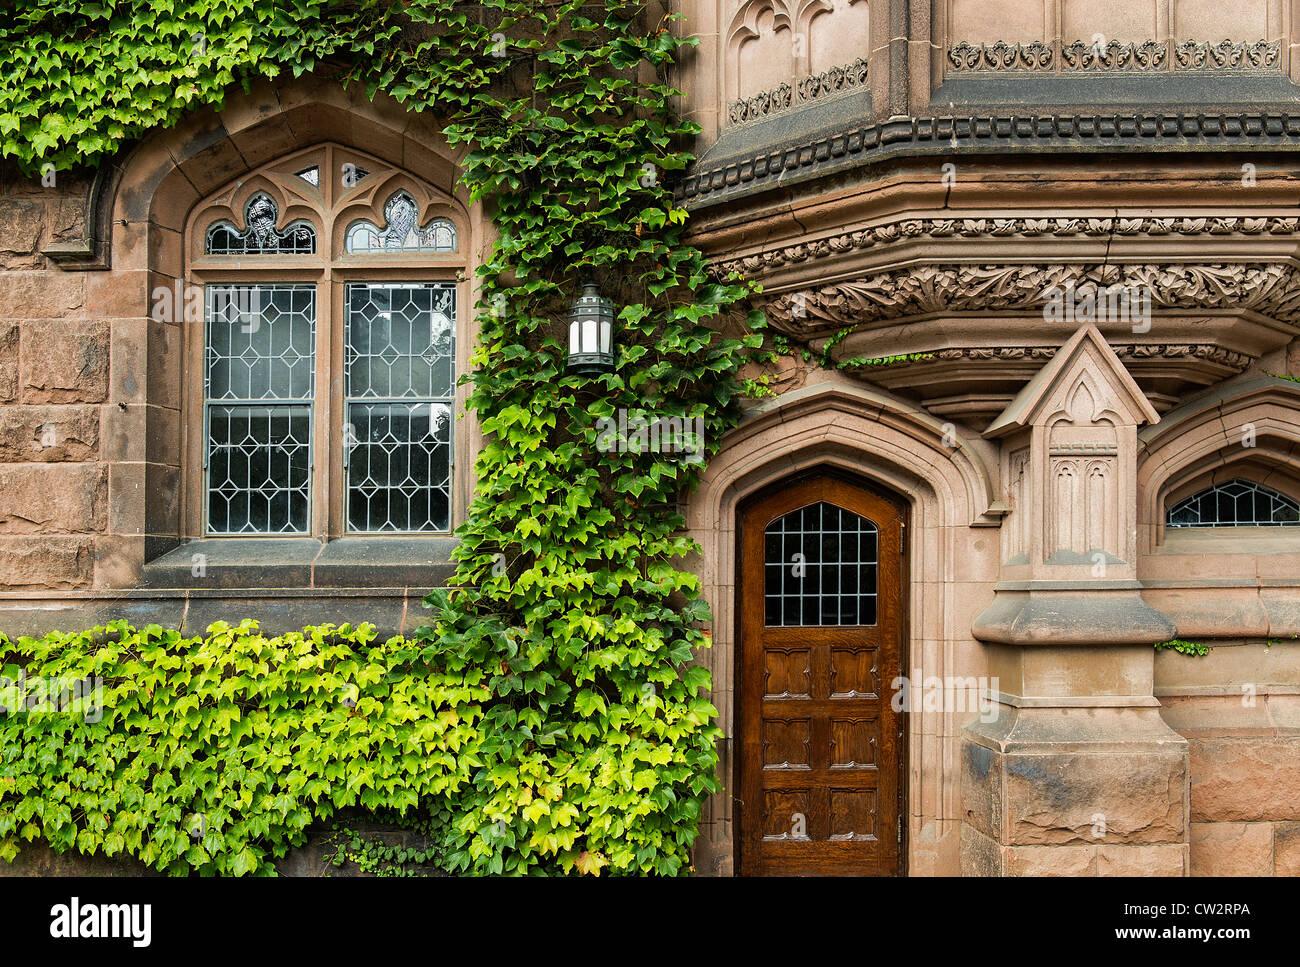 Arquitectura de la Ivy League, de la Universidad de Princeton, Nueva Jersey, EE.UU. Imagen De Stock